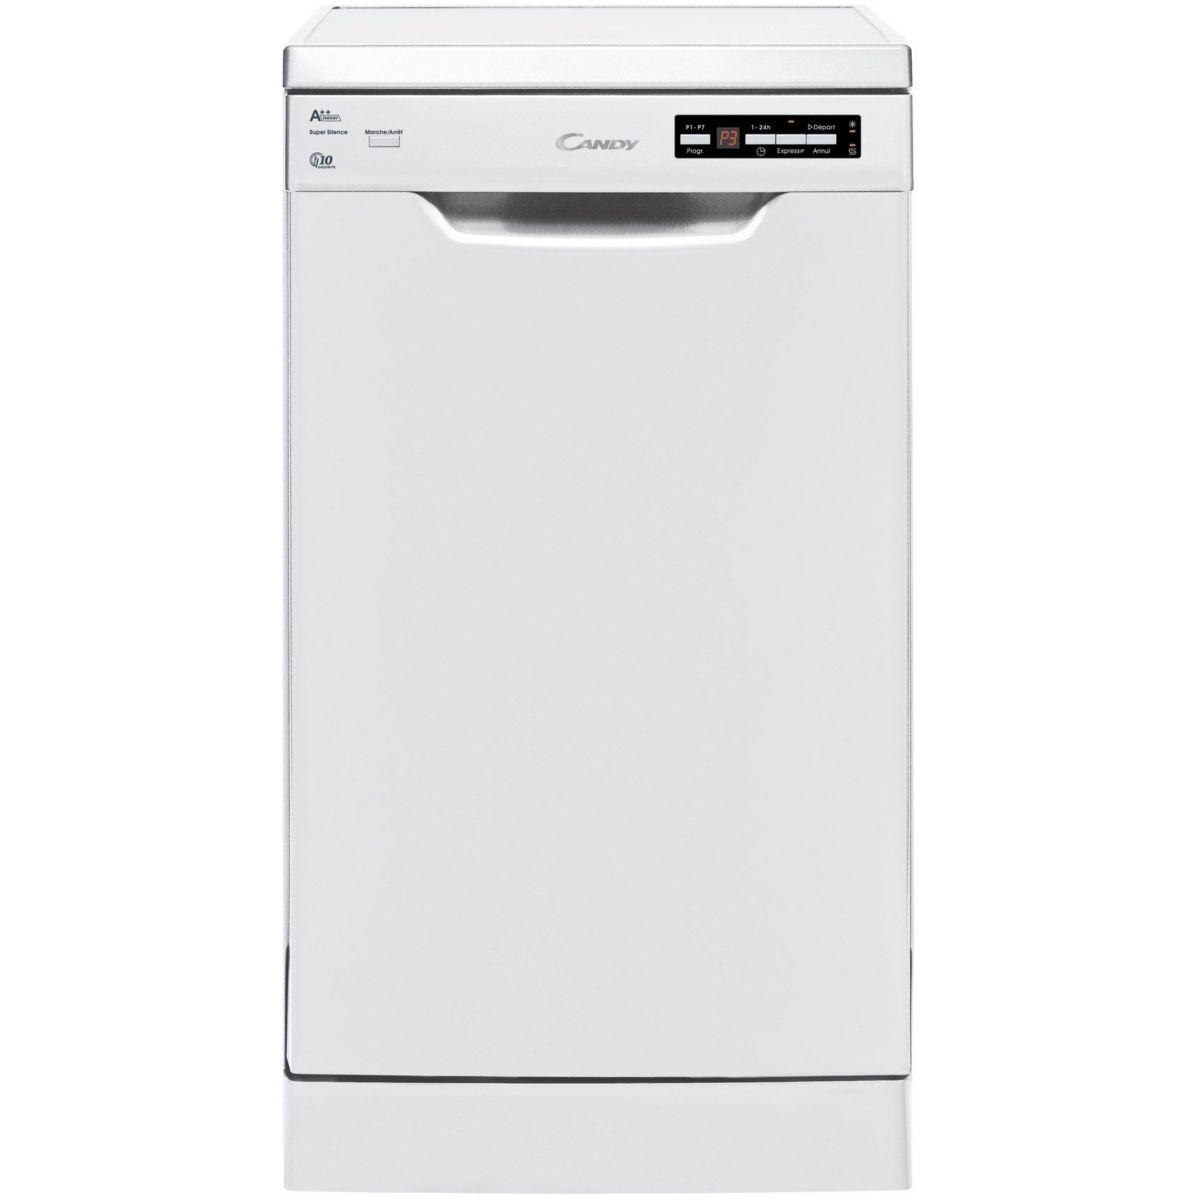 Lave vaisselle 45 cm CANDY CDP 2D1047W-47